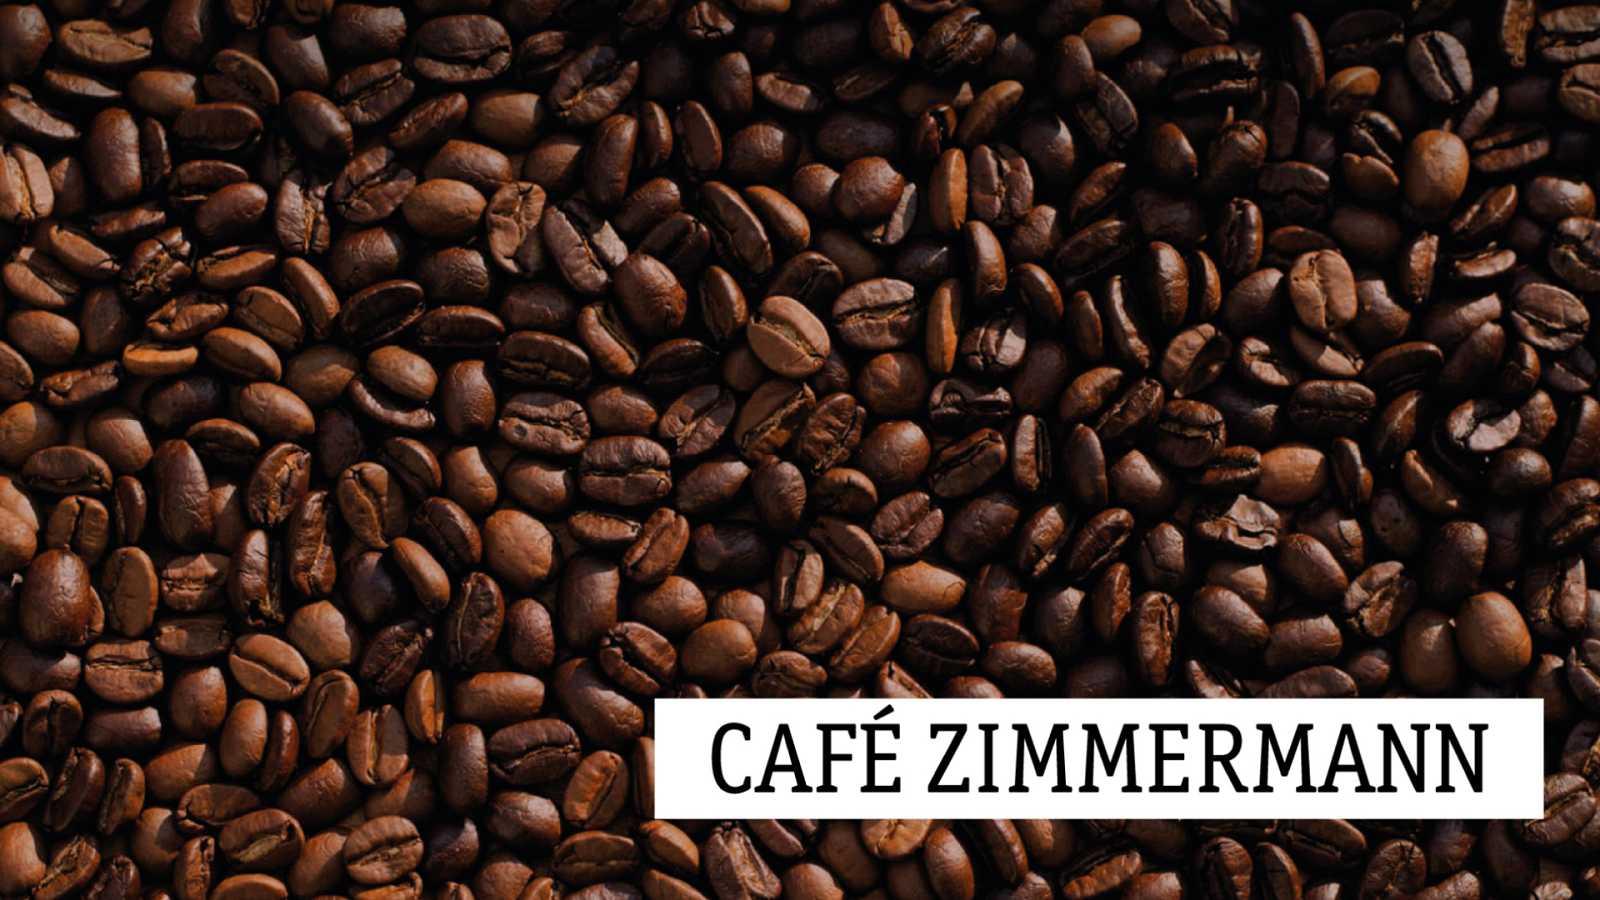 Café Zimmermann - Paula Ríos - 28/02/20 - escuchar ahora